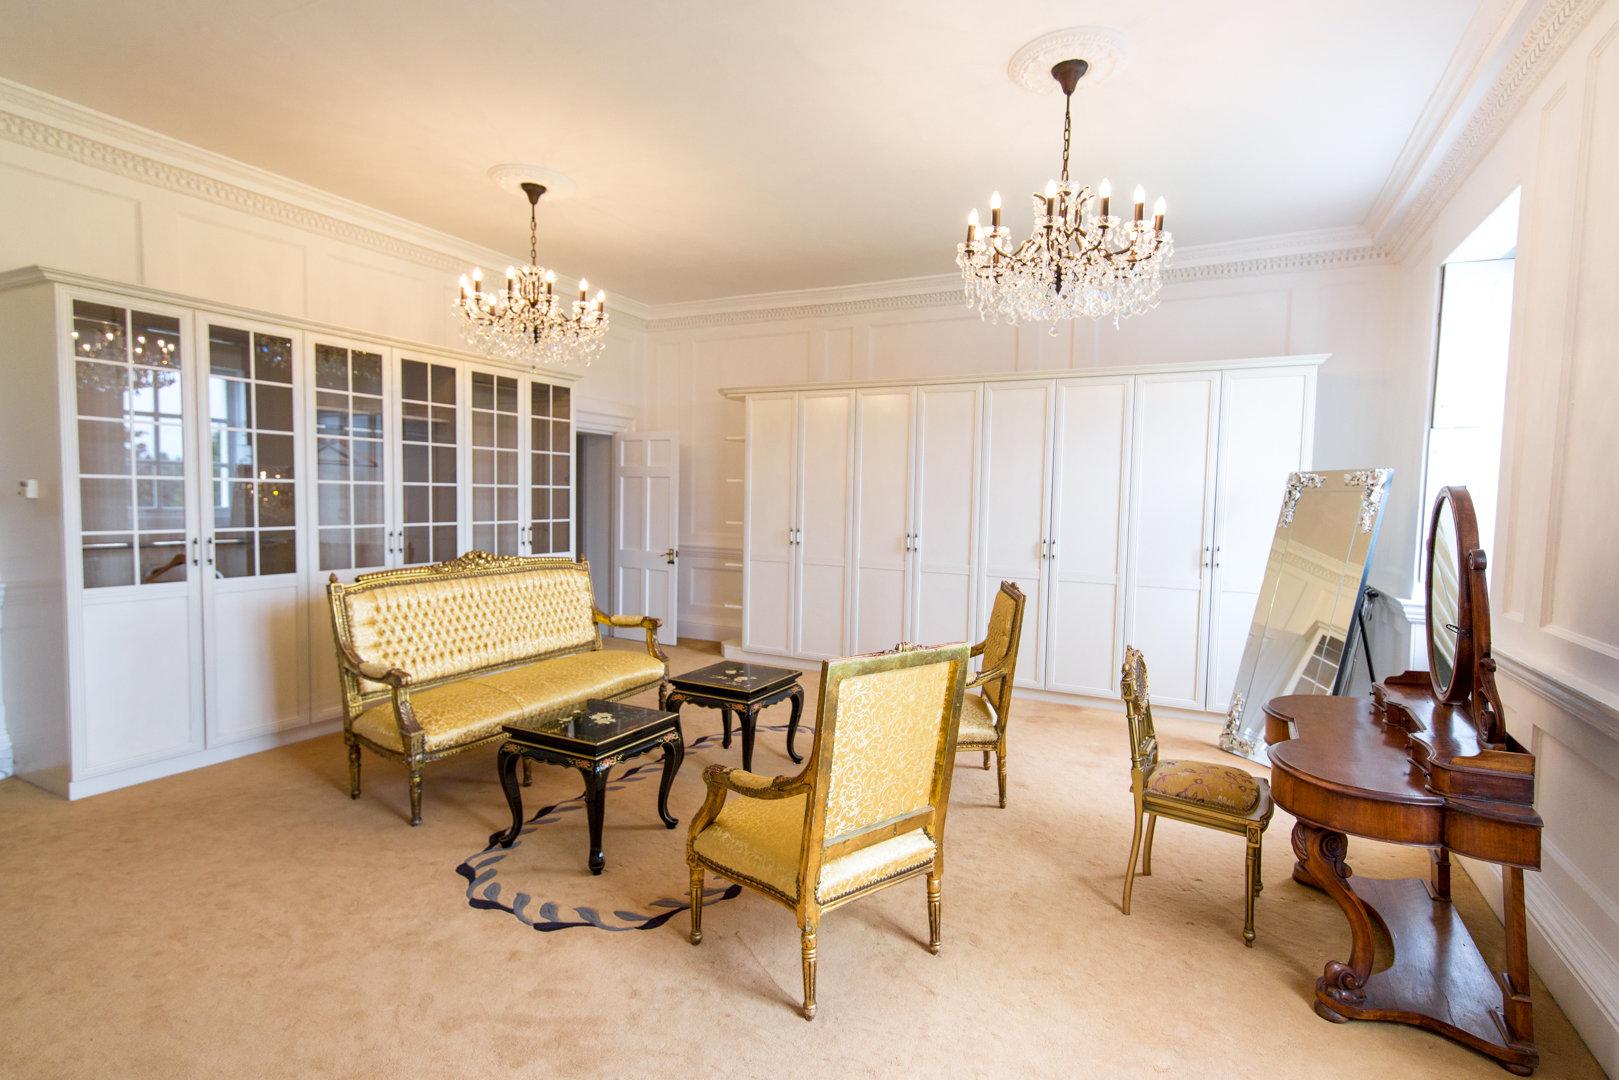 boreham house suite